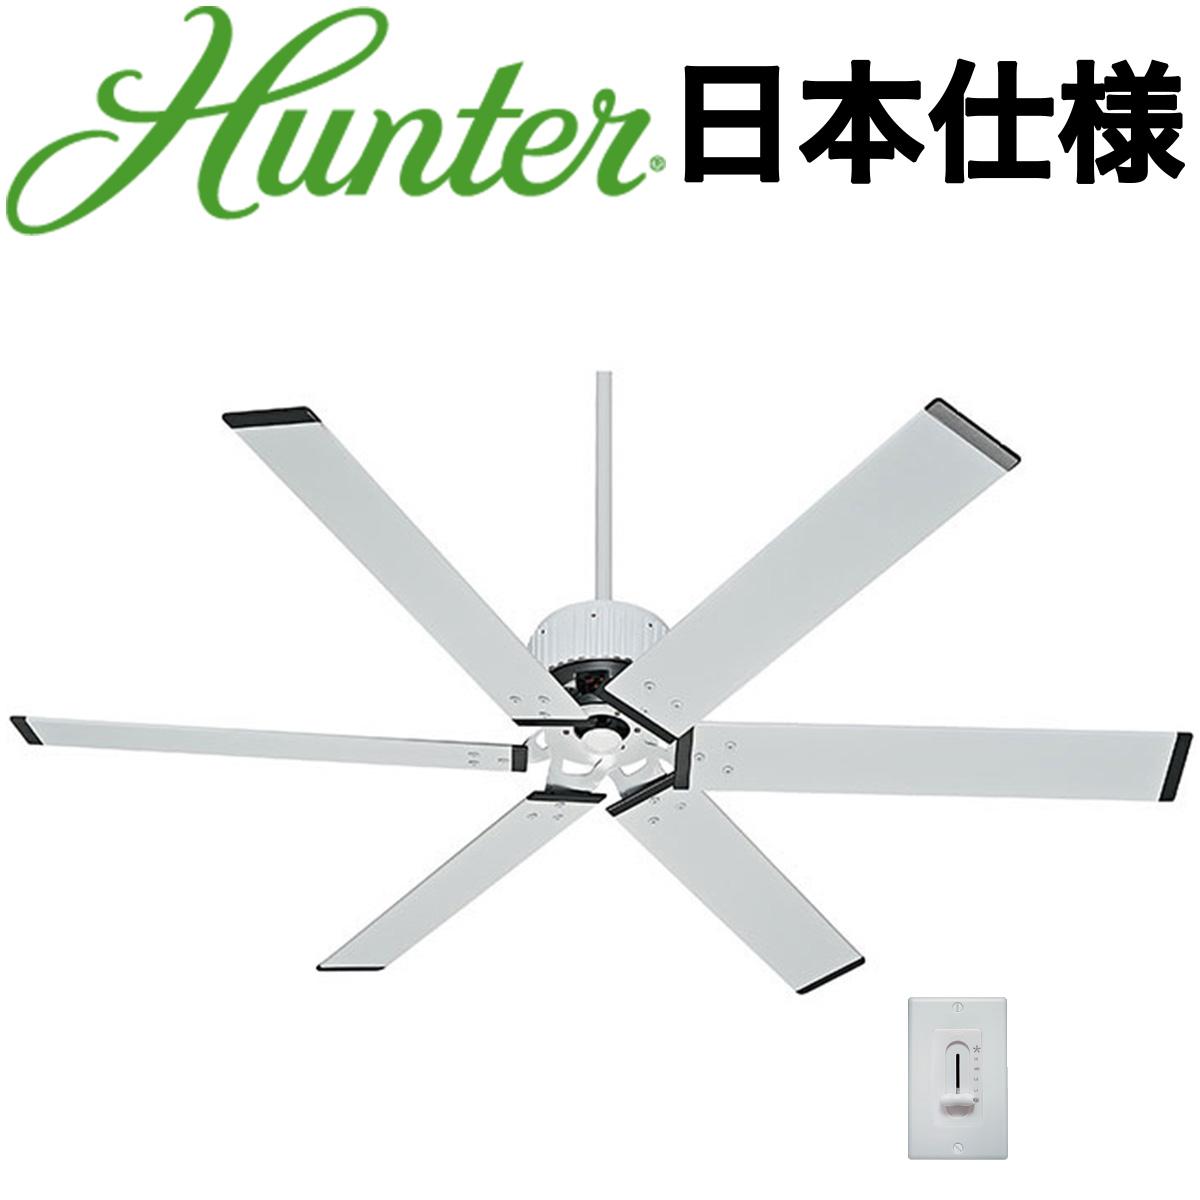 Hunter ハンター シーリングファン HFC-72 倉庫・工場向けモデル フレッシュホワイト 59134 傾斜天井 吹き抜け おしゃれ かっこいい 送料無料